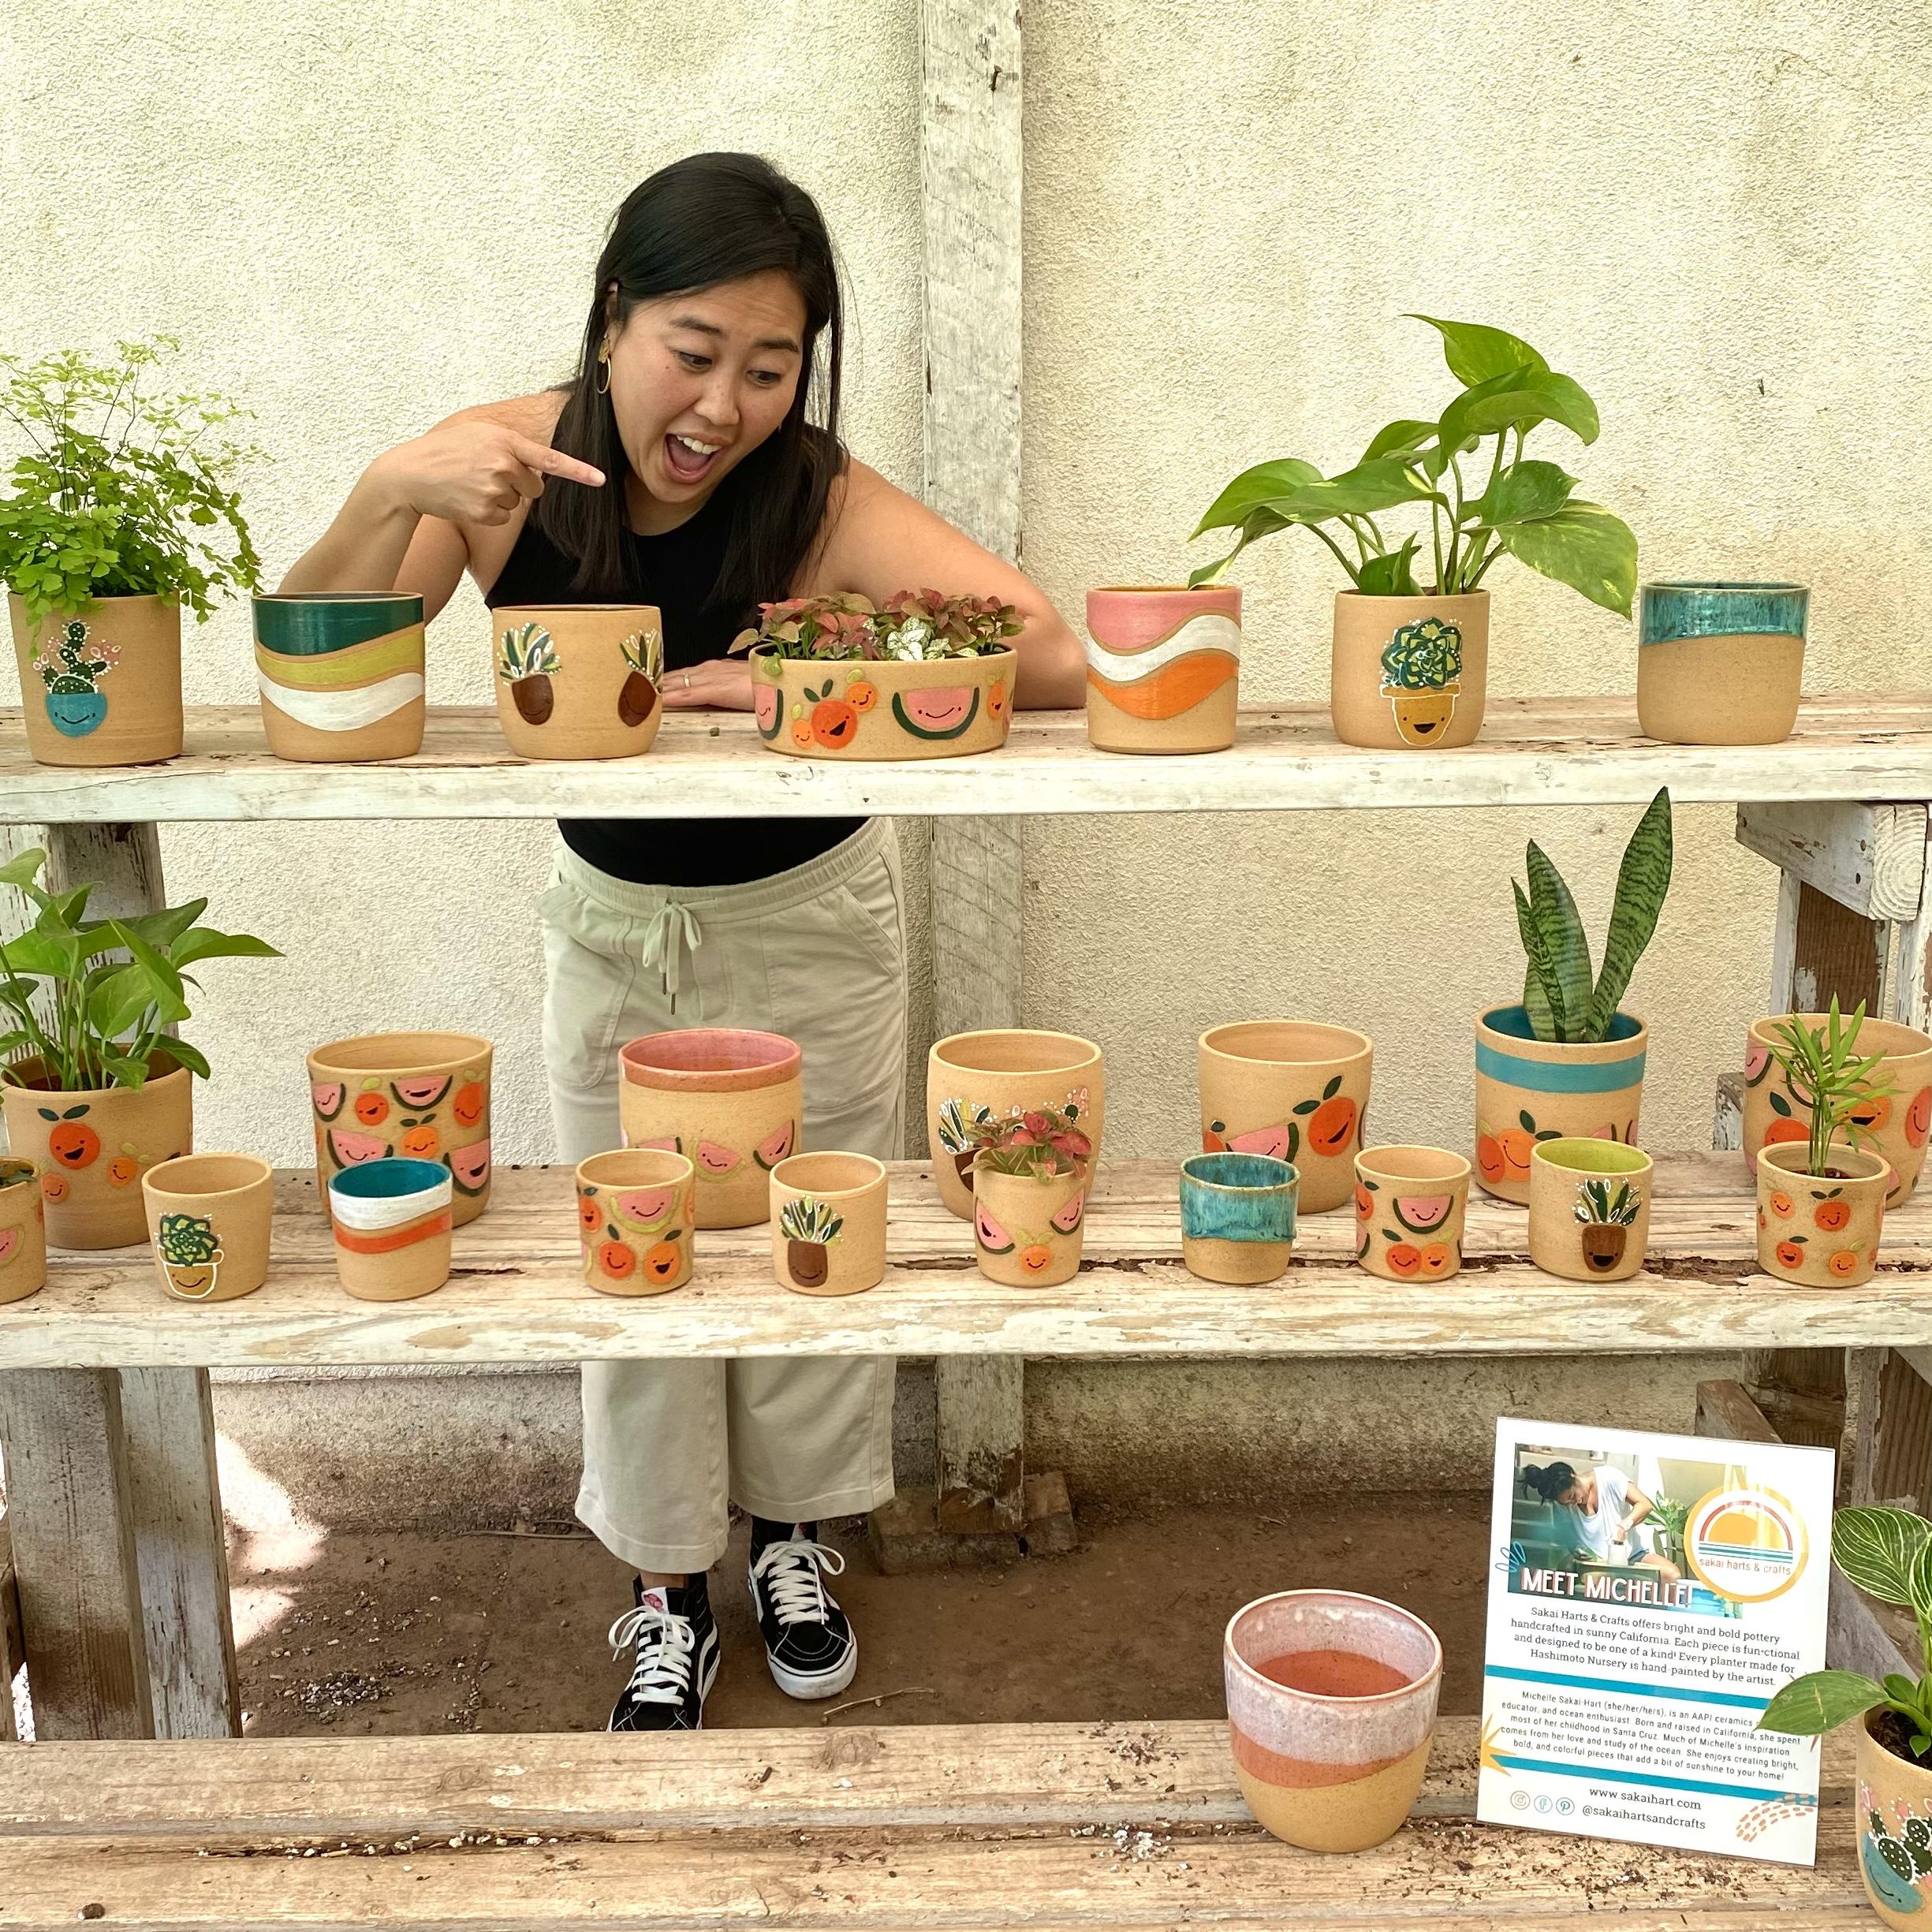 Michelle Sakai Hart & crafts ceramic